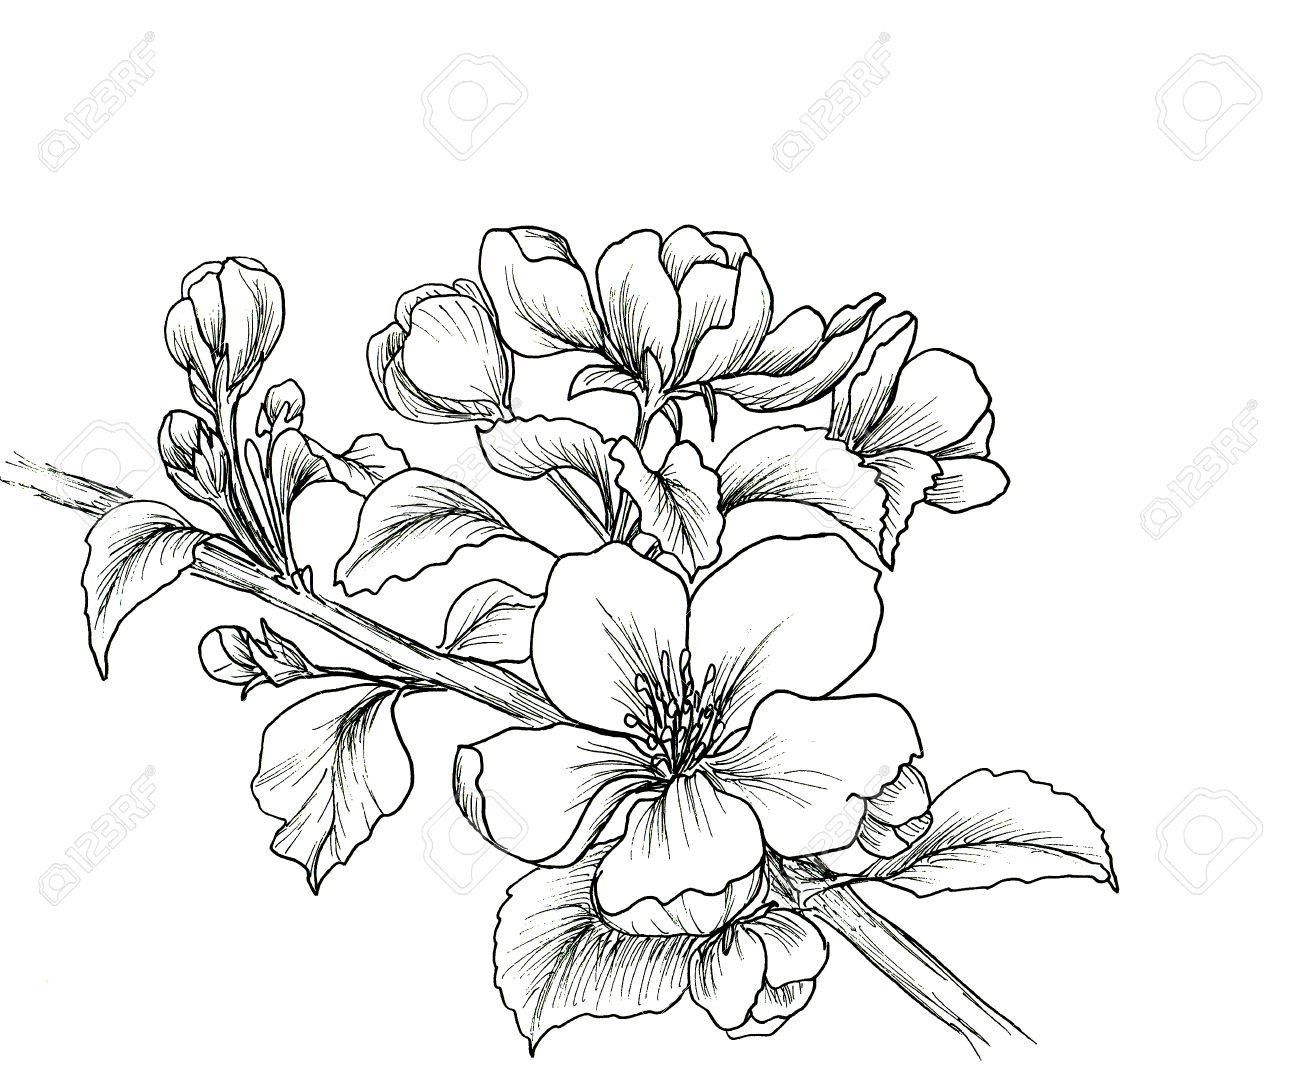 Main Branche Dessinée De Fleur De Cerisier Isolé Sur Fond Blanc